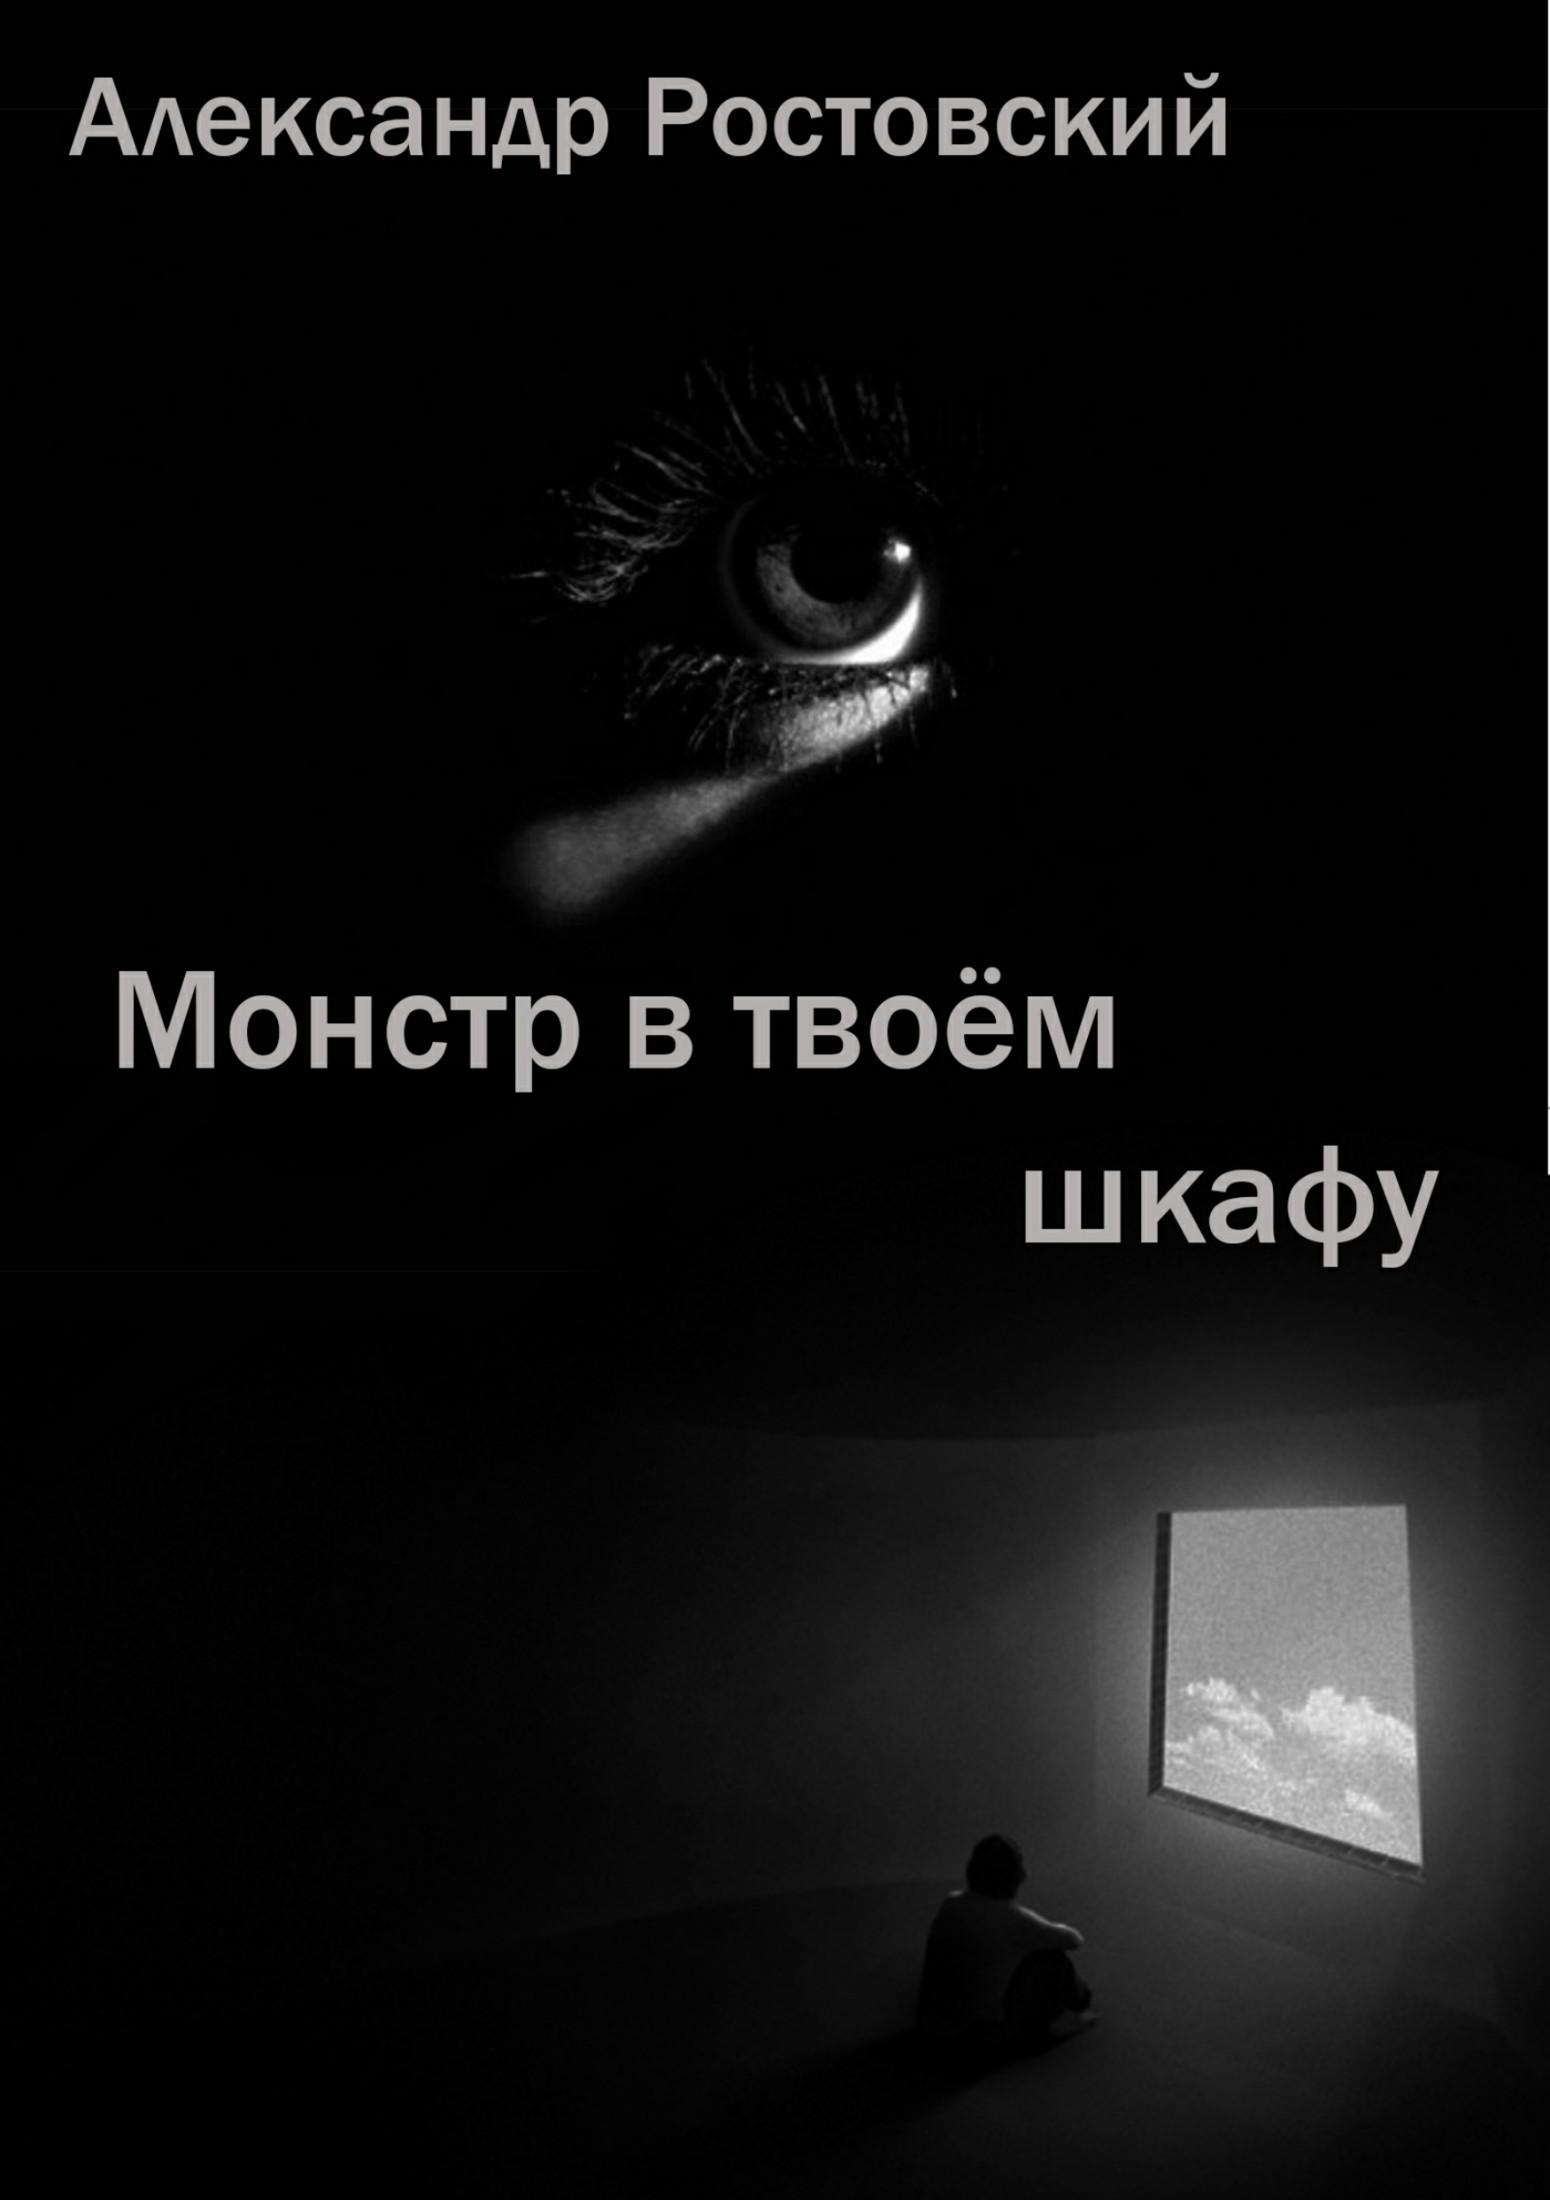 Александр Ростовский «Монстр в твоём шкафу»